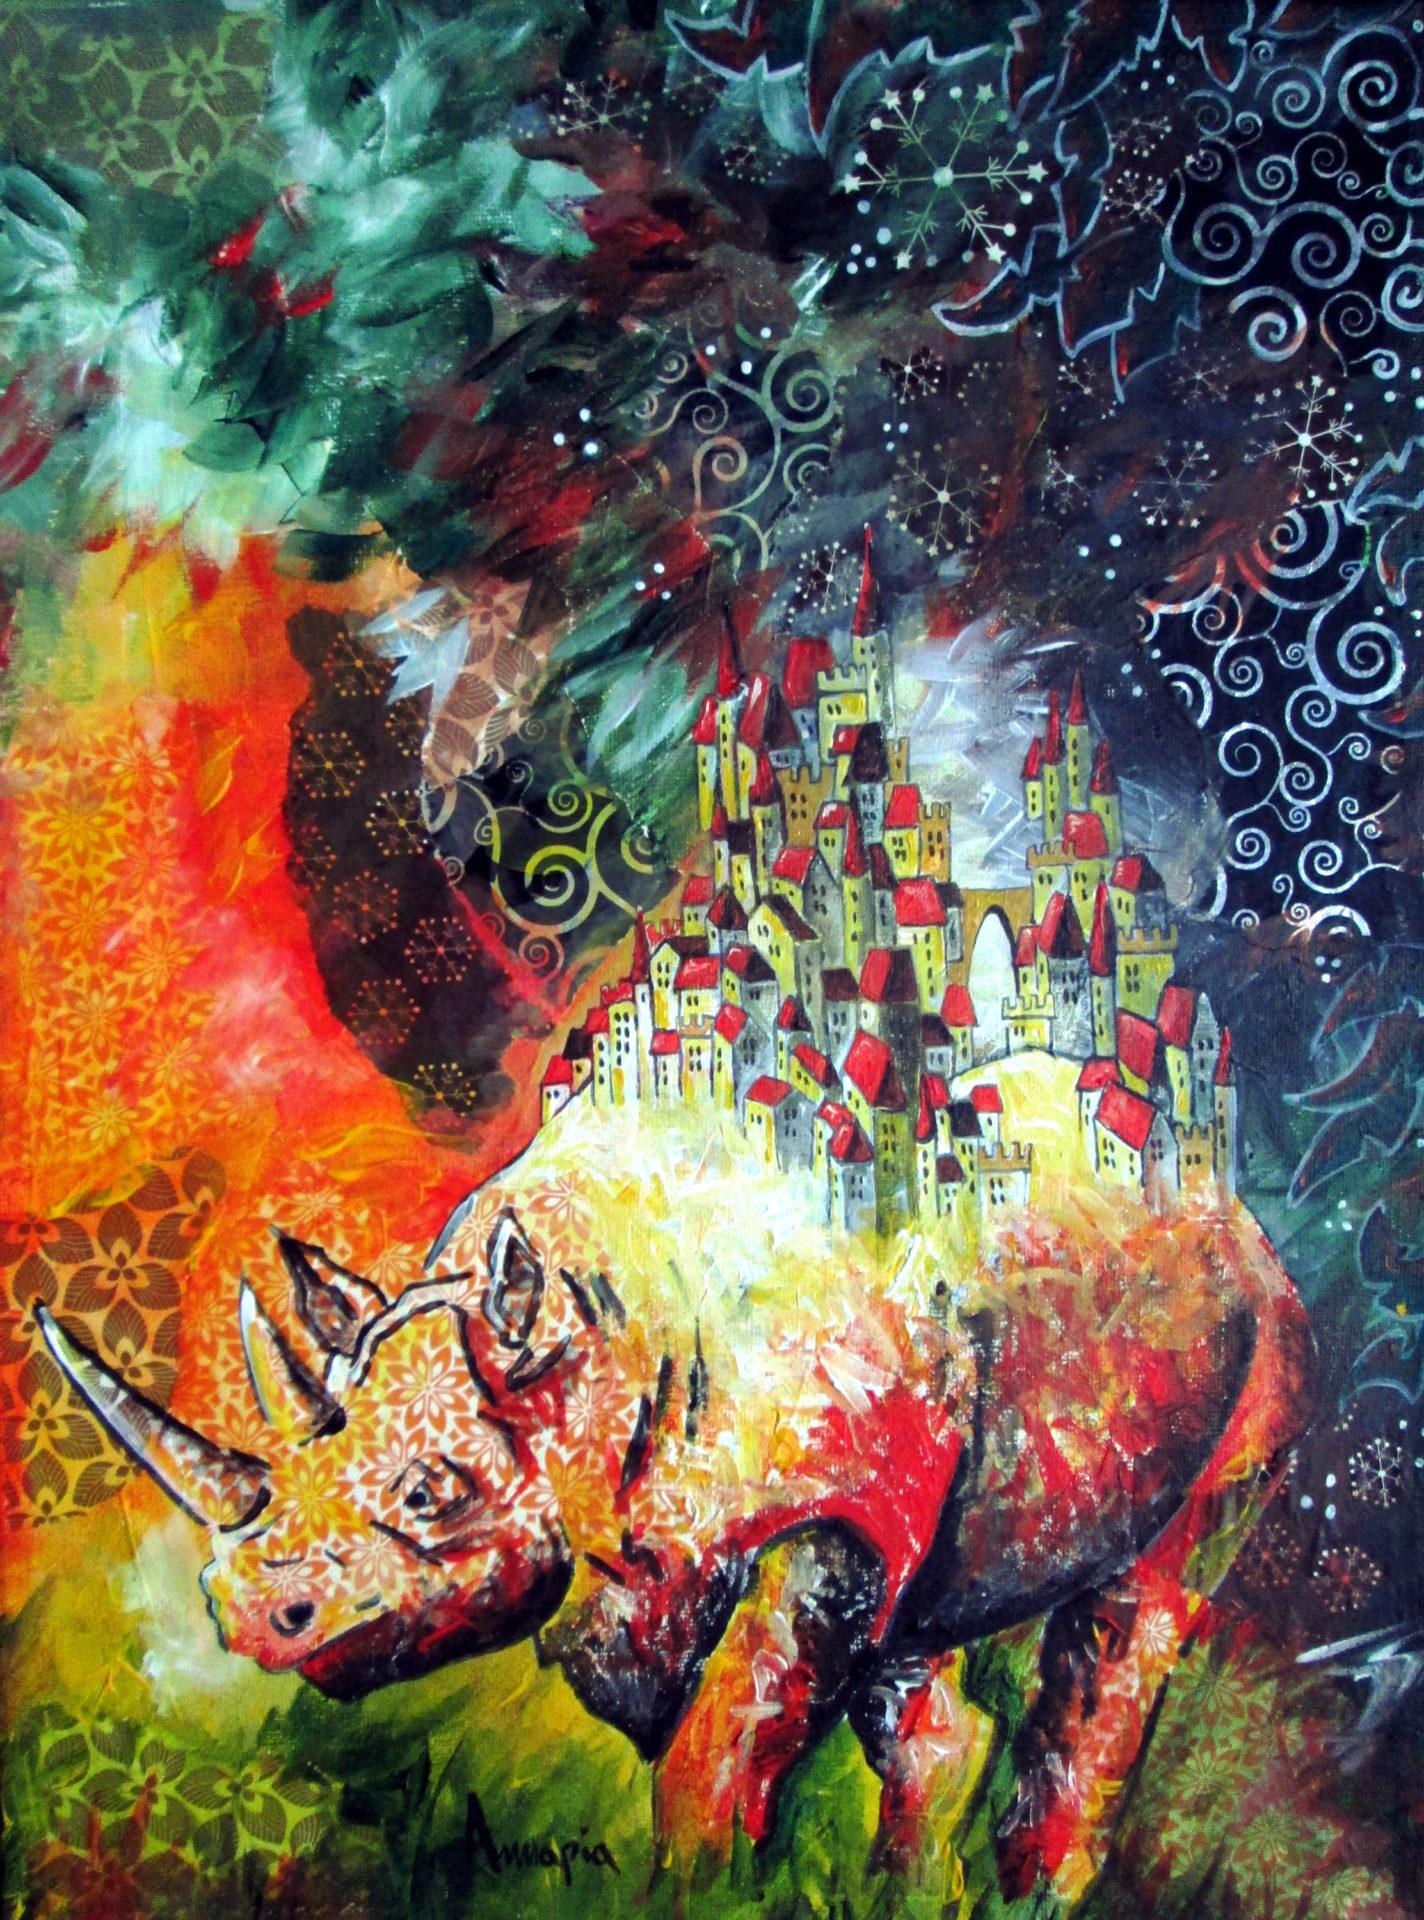 tableau surréaliste onirique poétique città invisibili Calvino